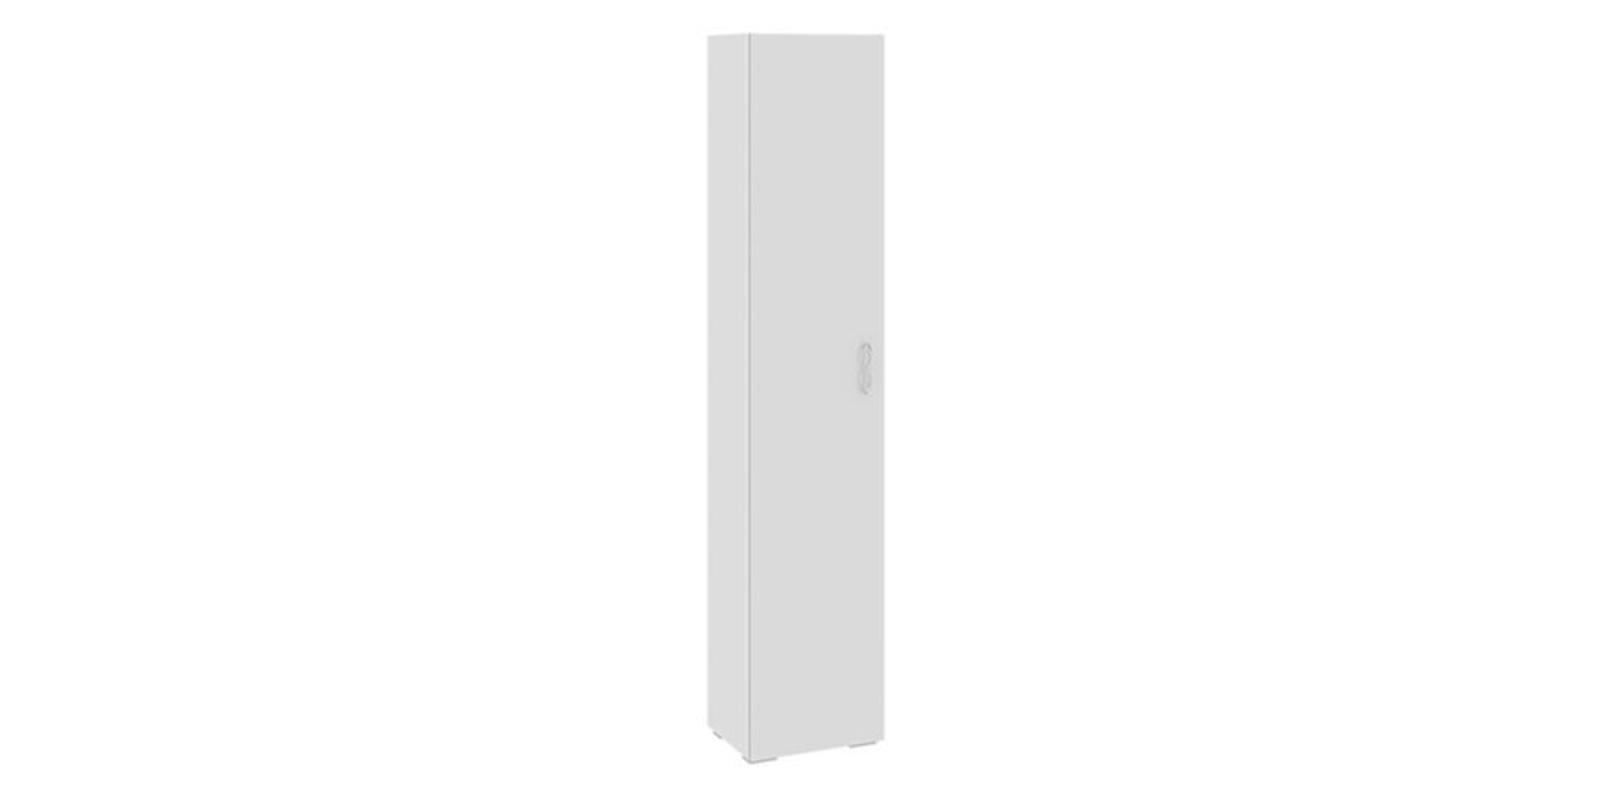 Шкаф распашной однодверный Давос вариант №1 (белый матовый)